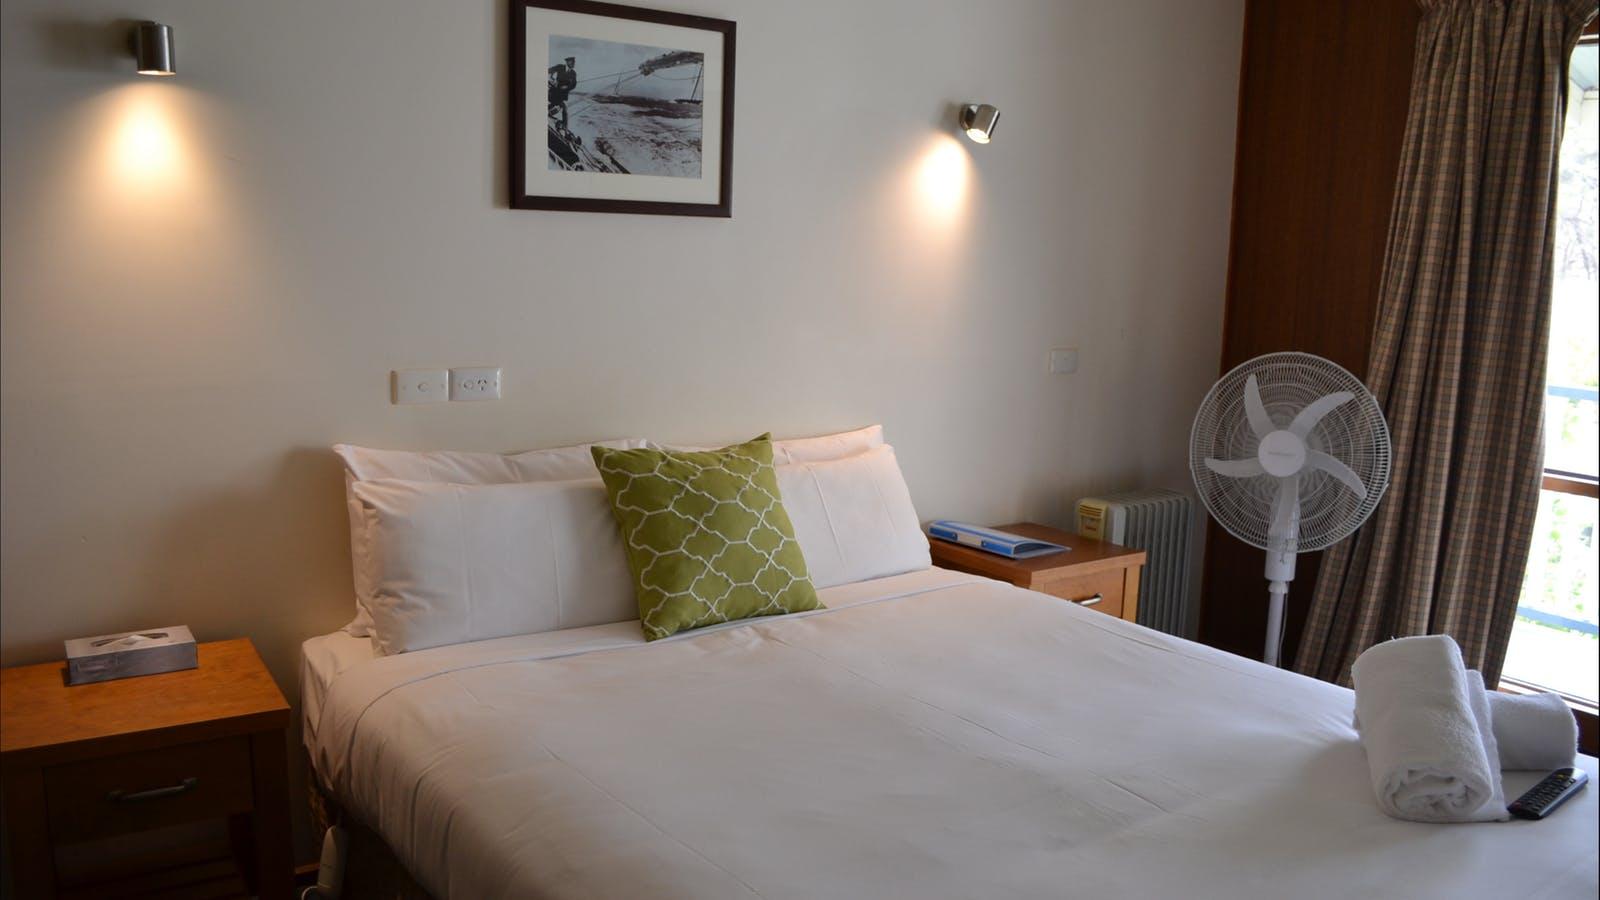 Motel Queen Room